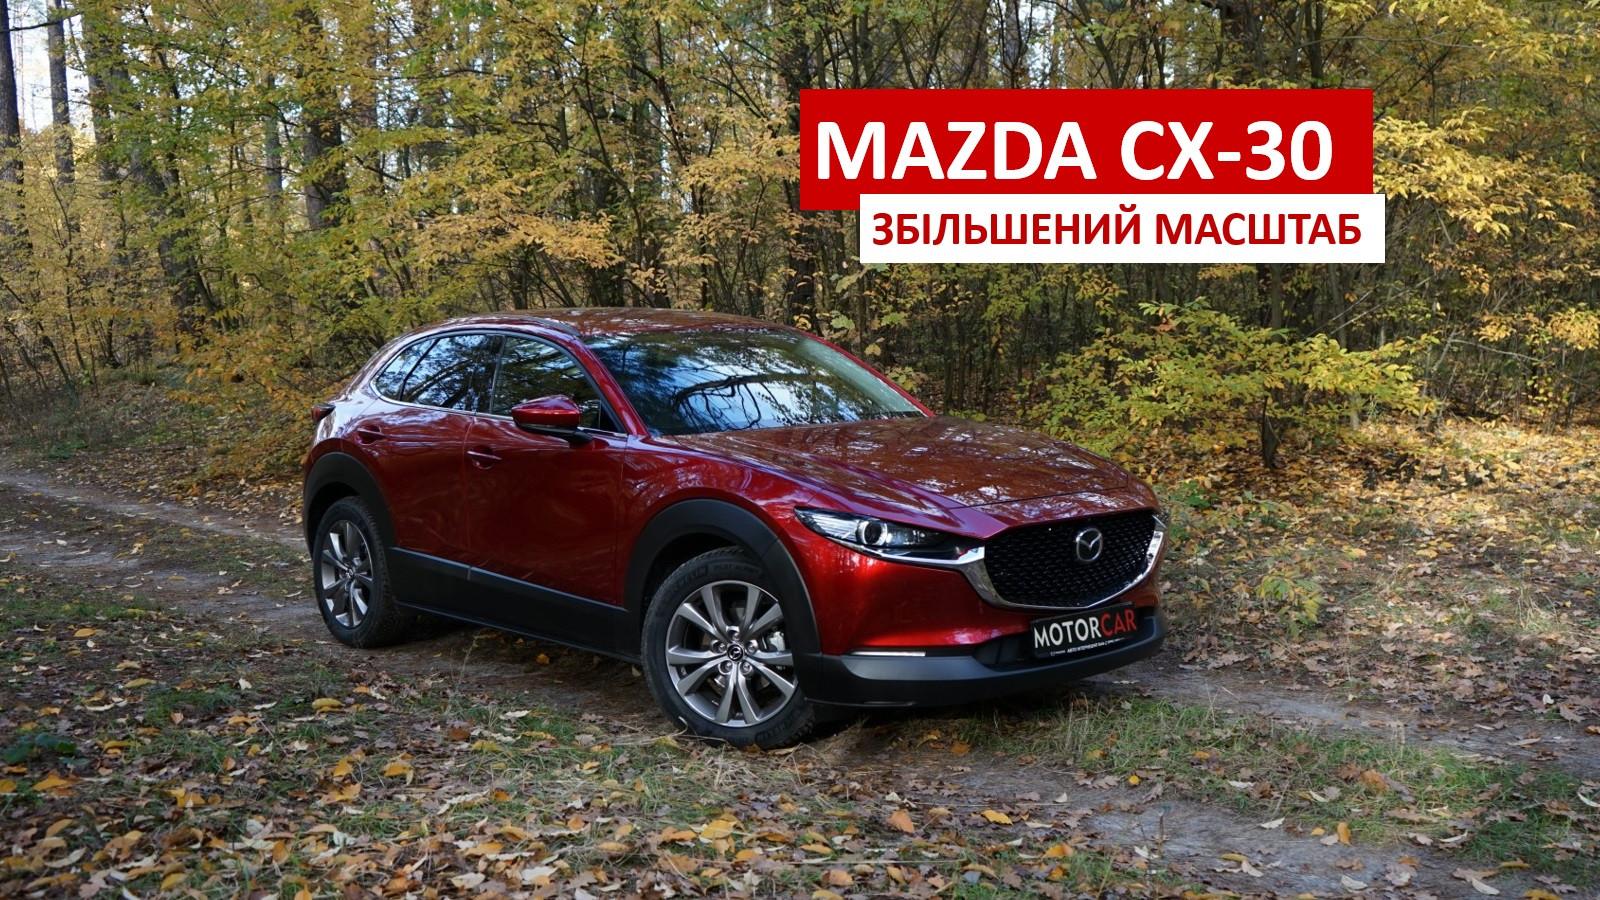 Mazda СХ-30 відео огляд